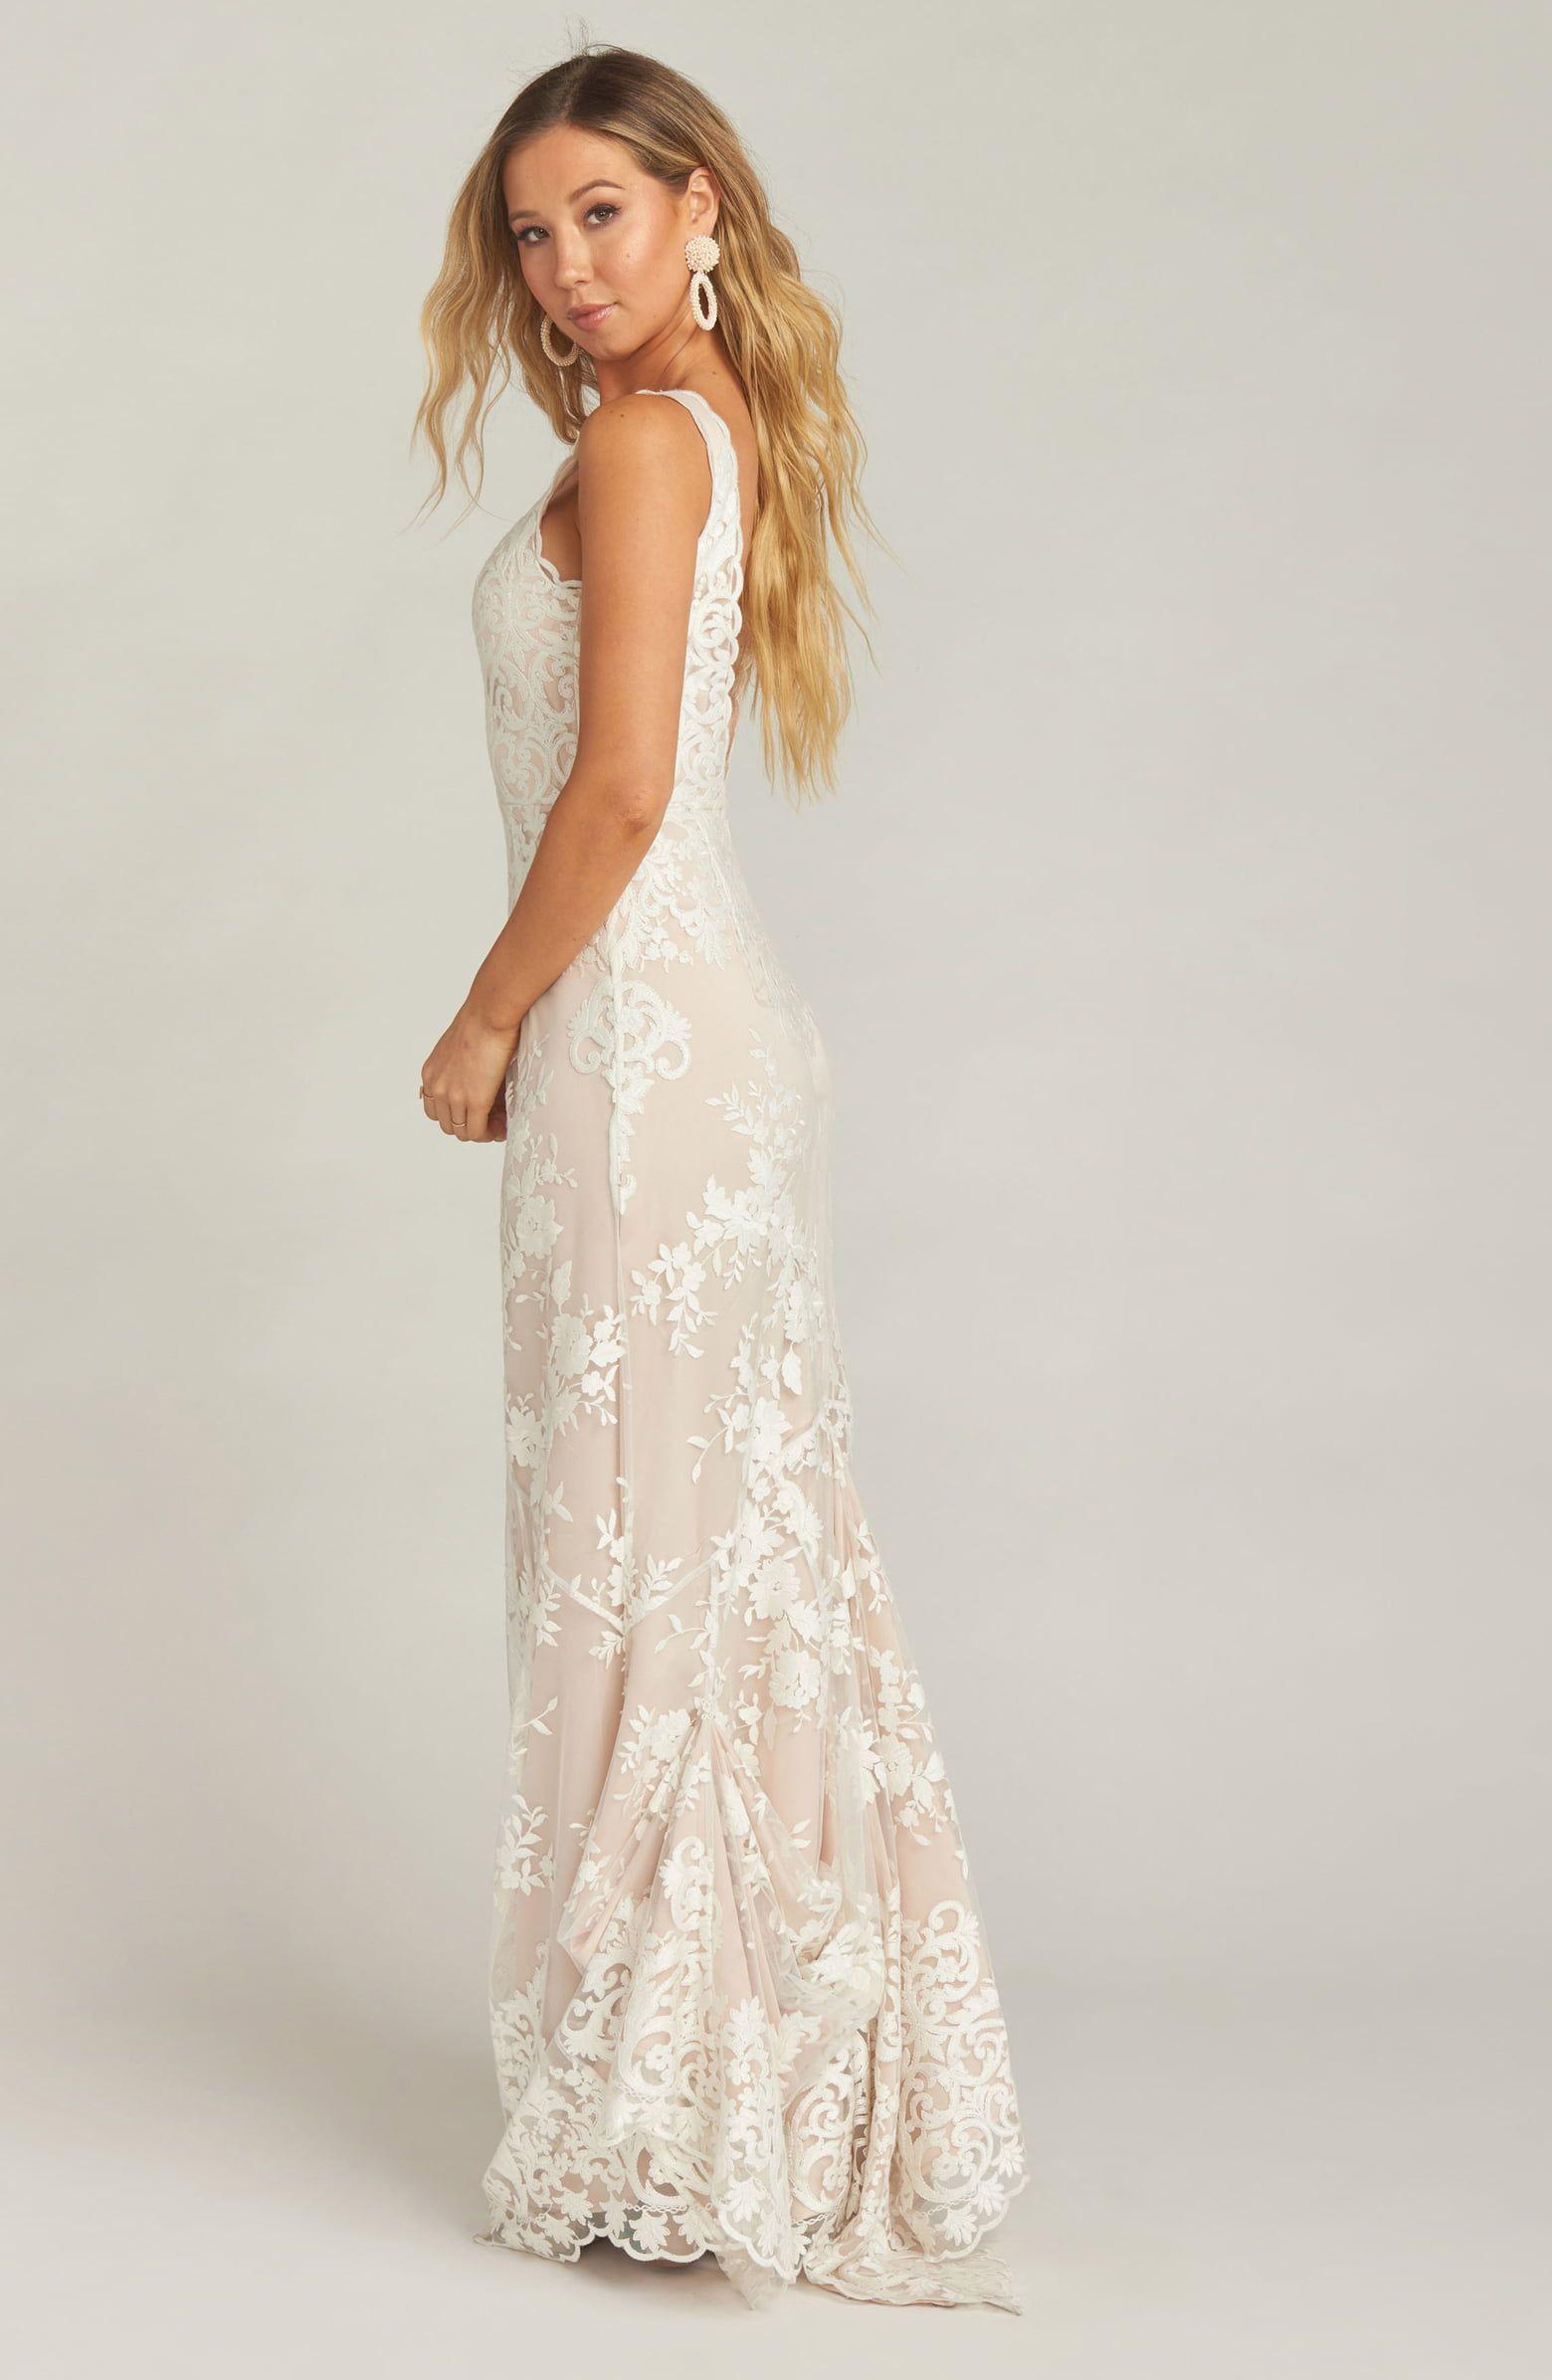 Show Me Your Mumu Contessa V Neck Lace Wedding Dress Nordstrom Wedding Dress Necklace Wedding Dresses Wedding Dresses Lace